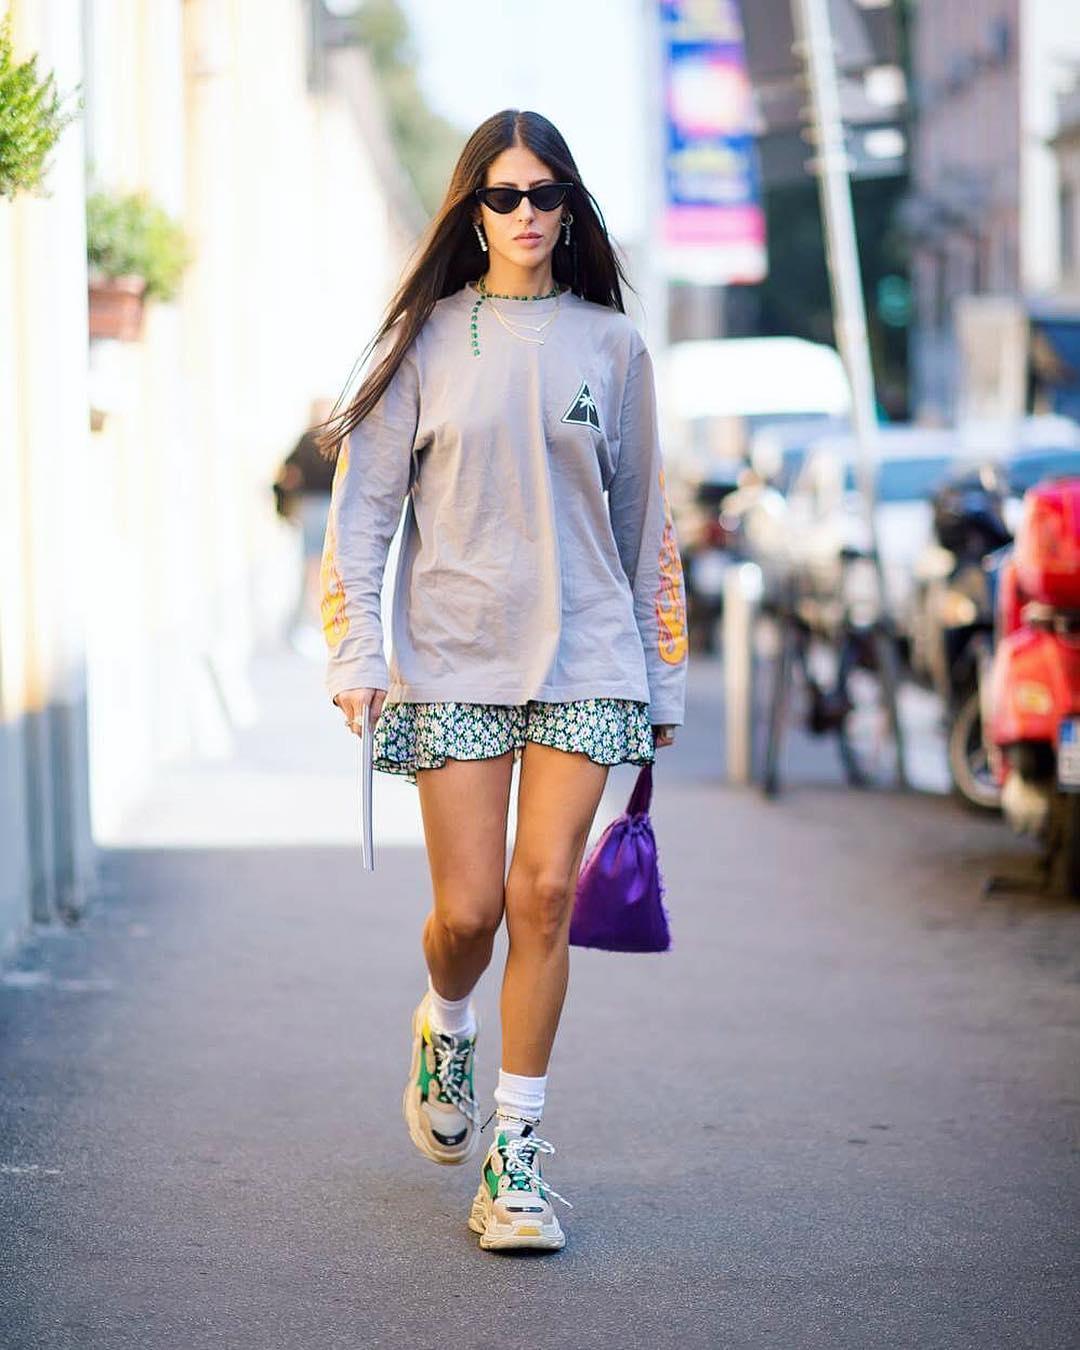 Thiết kế Triple S từ Balenciaga cũng là con cưng của các fashionista.